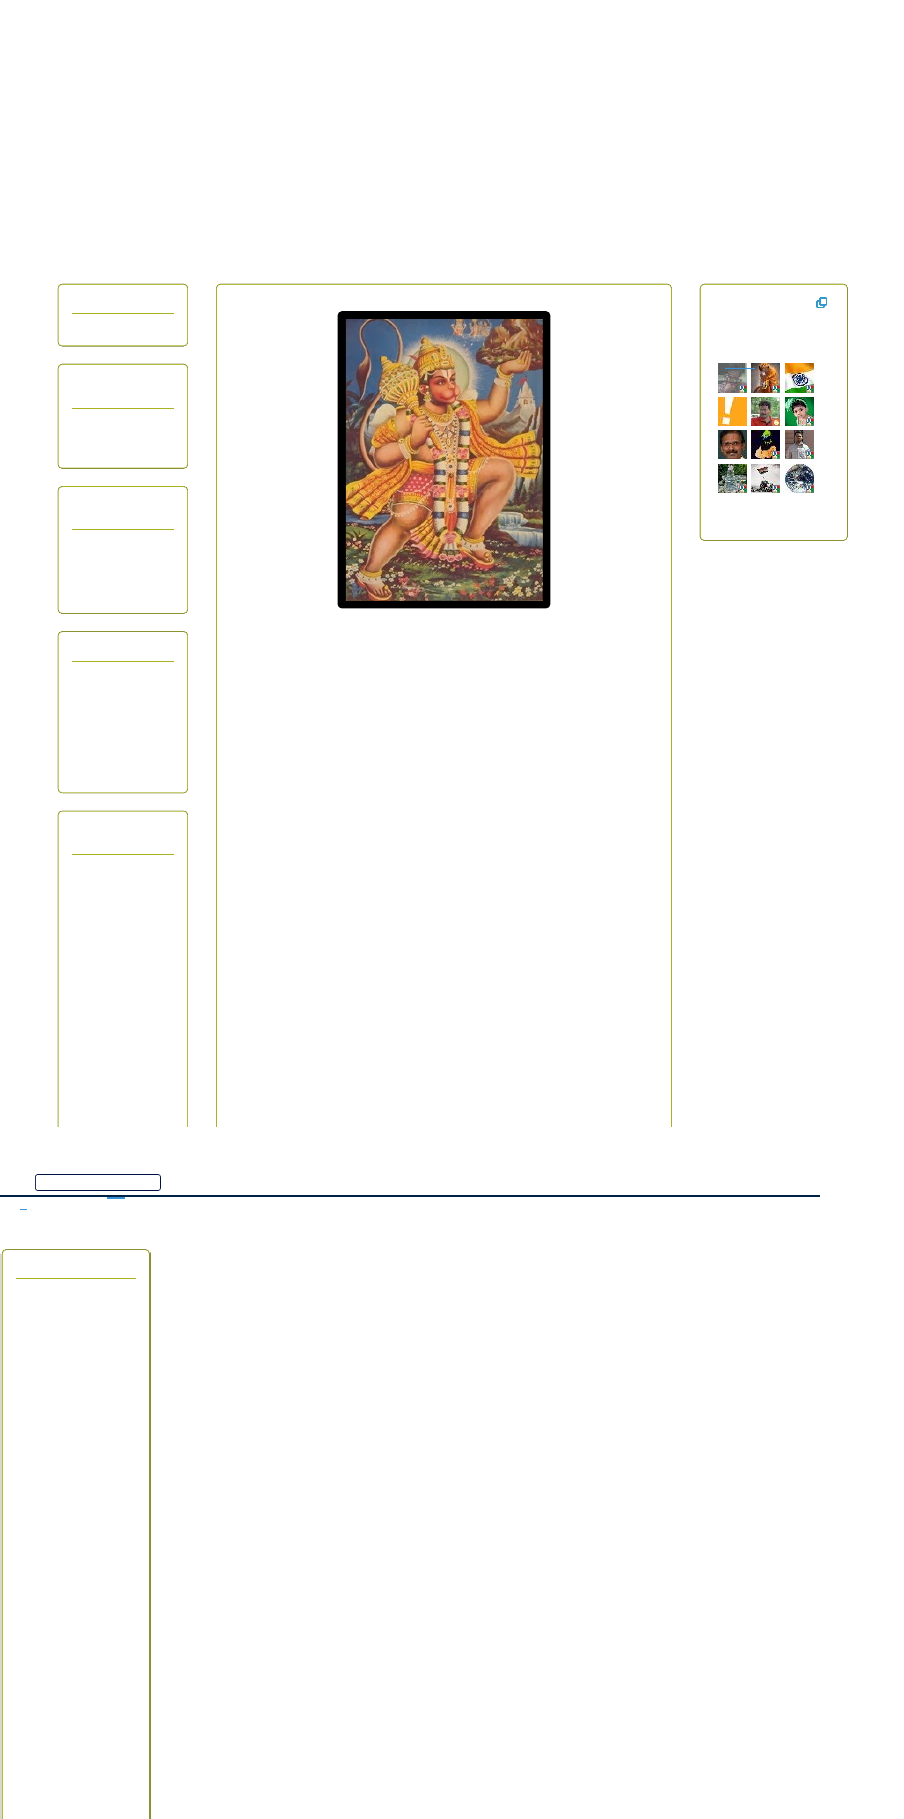 Durga saptashloki in tamil pdf hindi